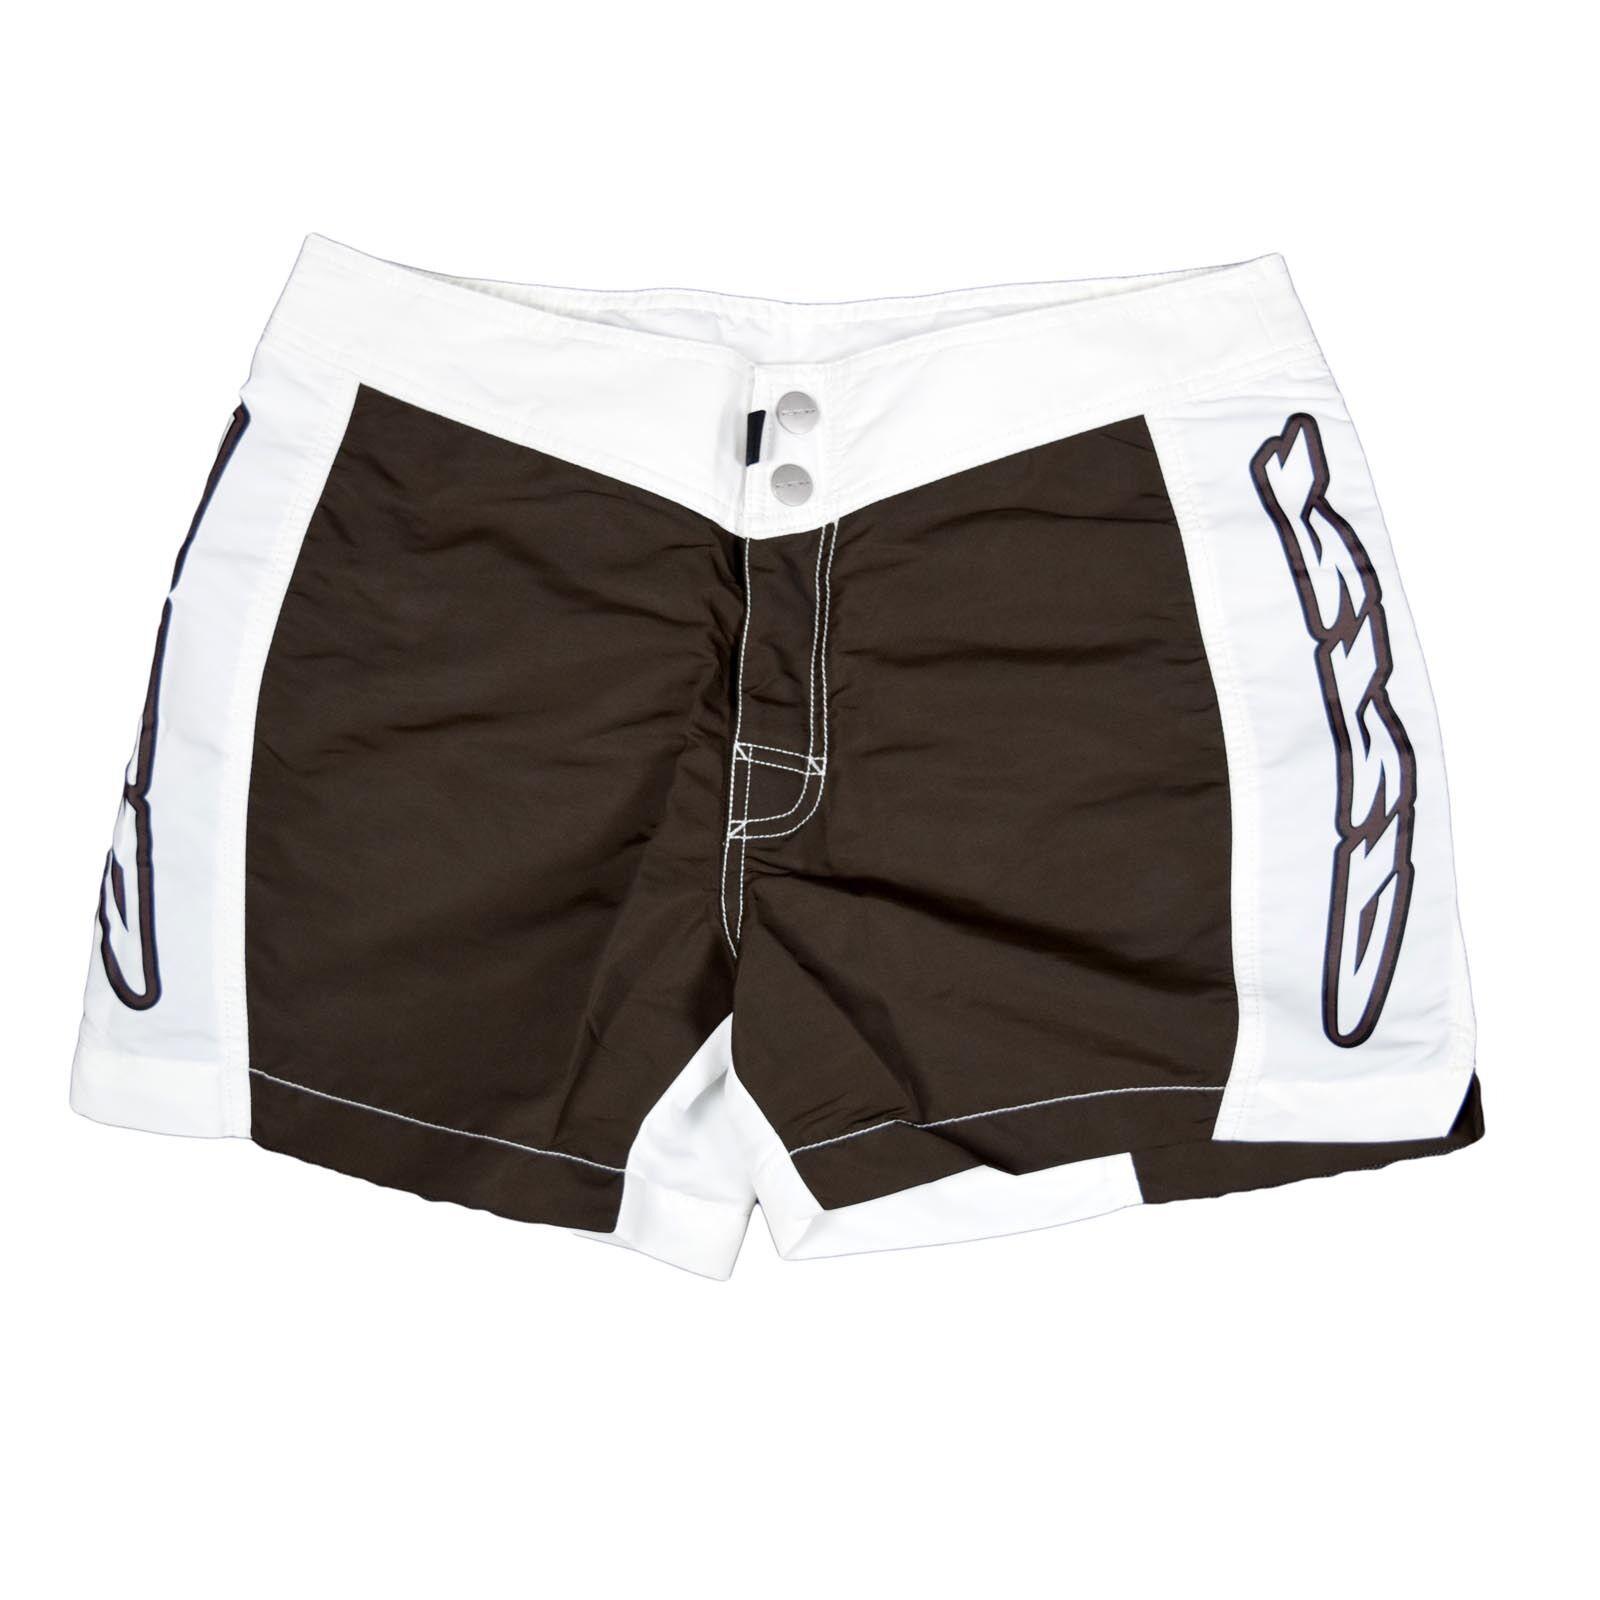 RRD Maestrale color brown e Bianco